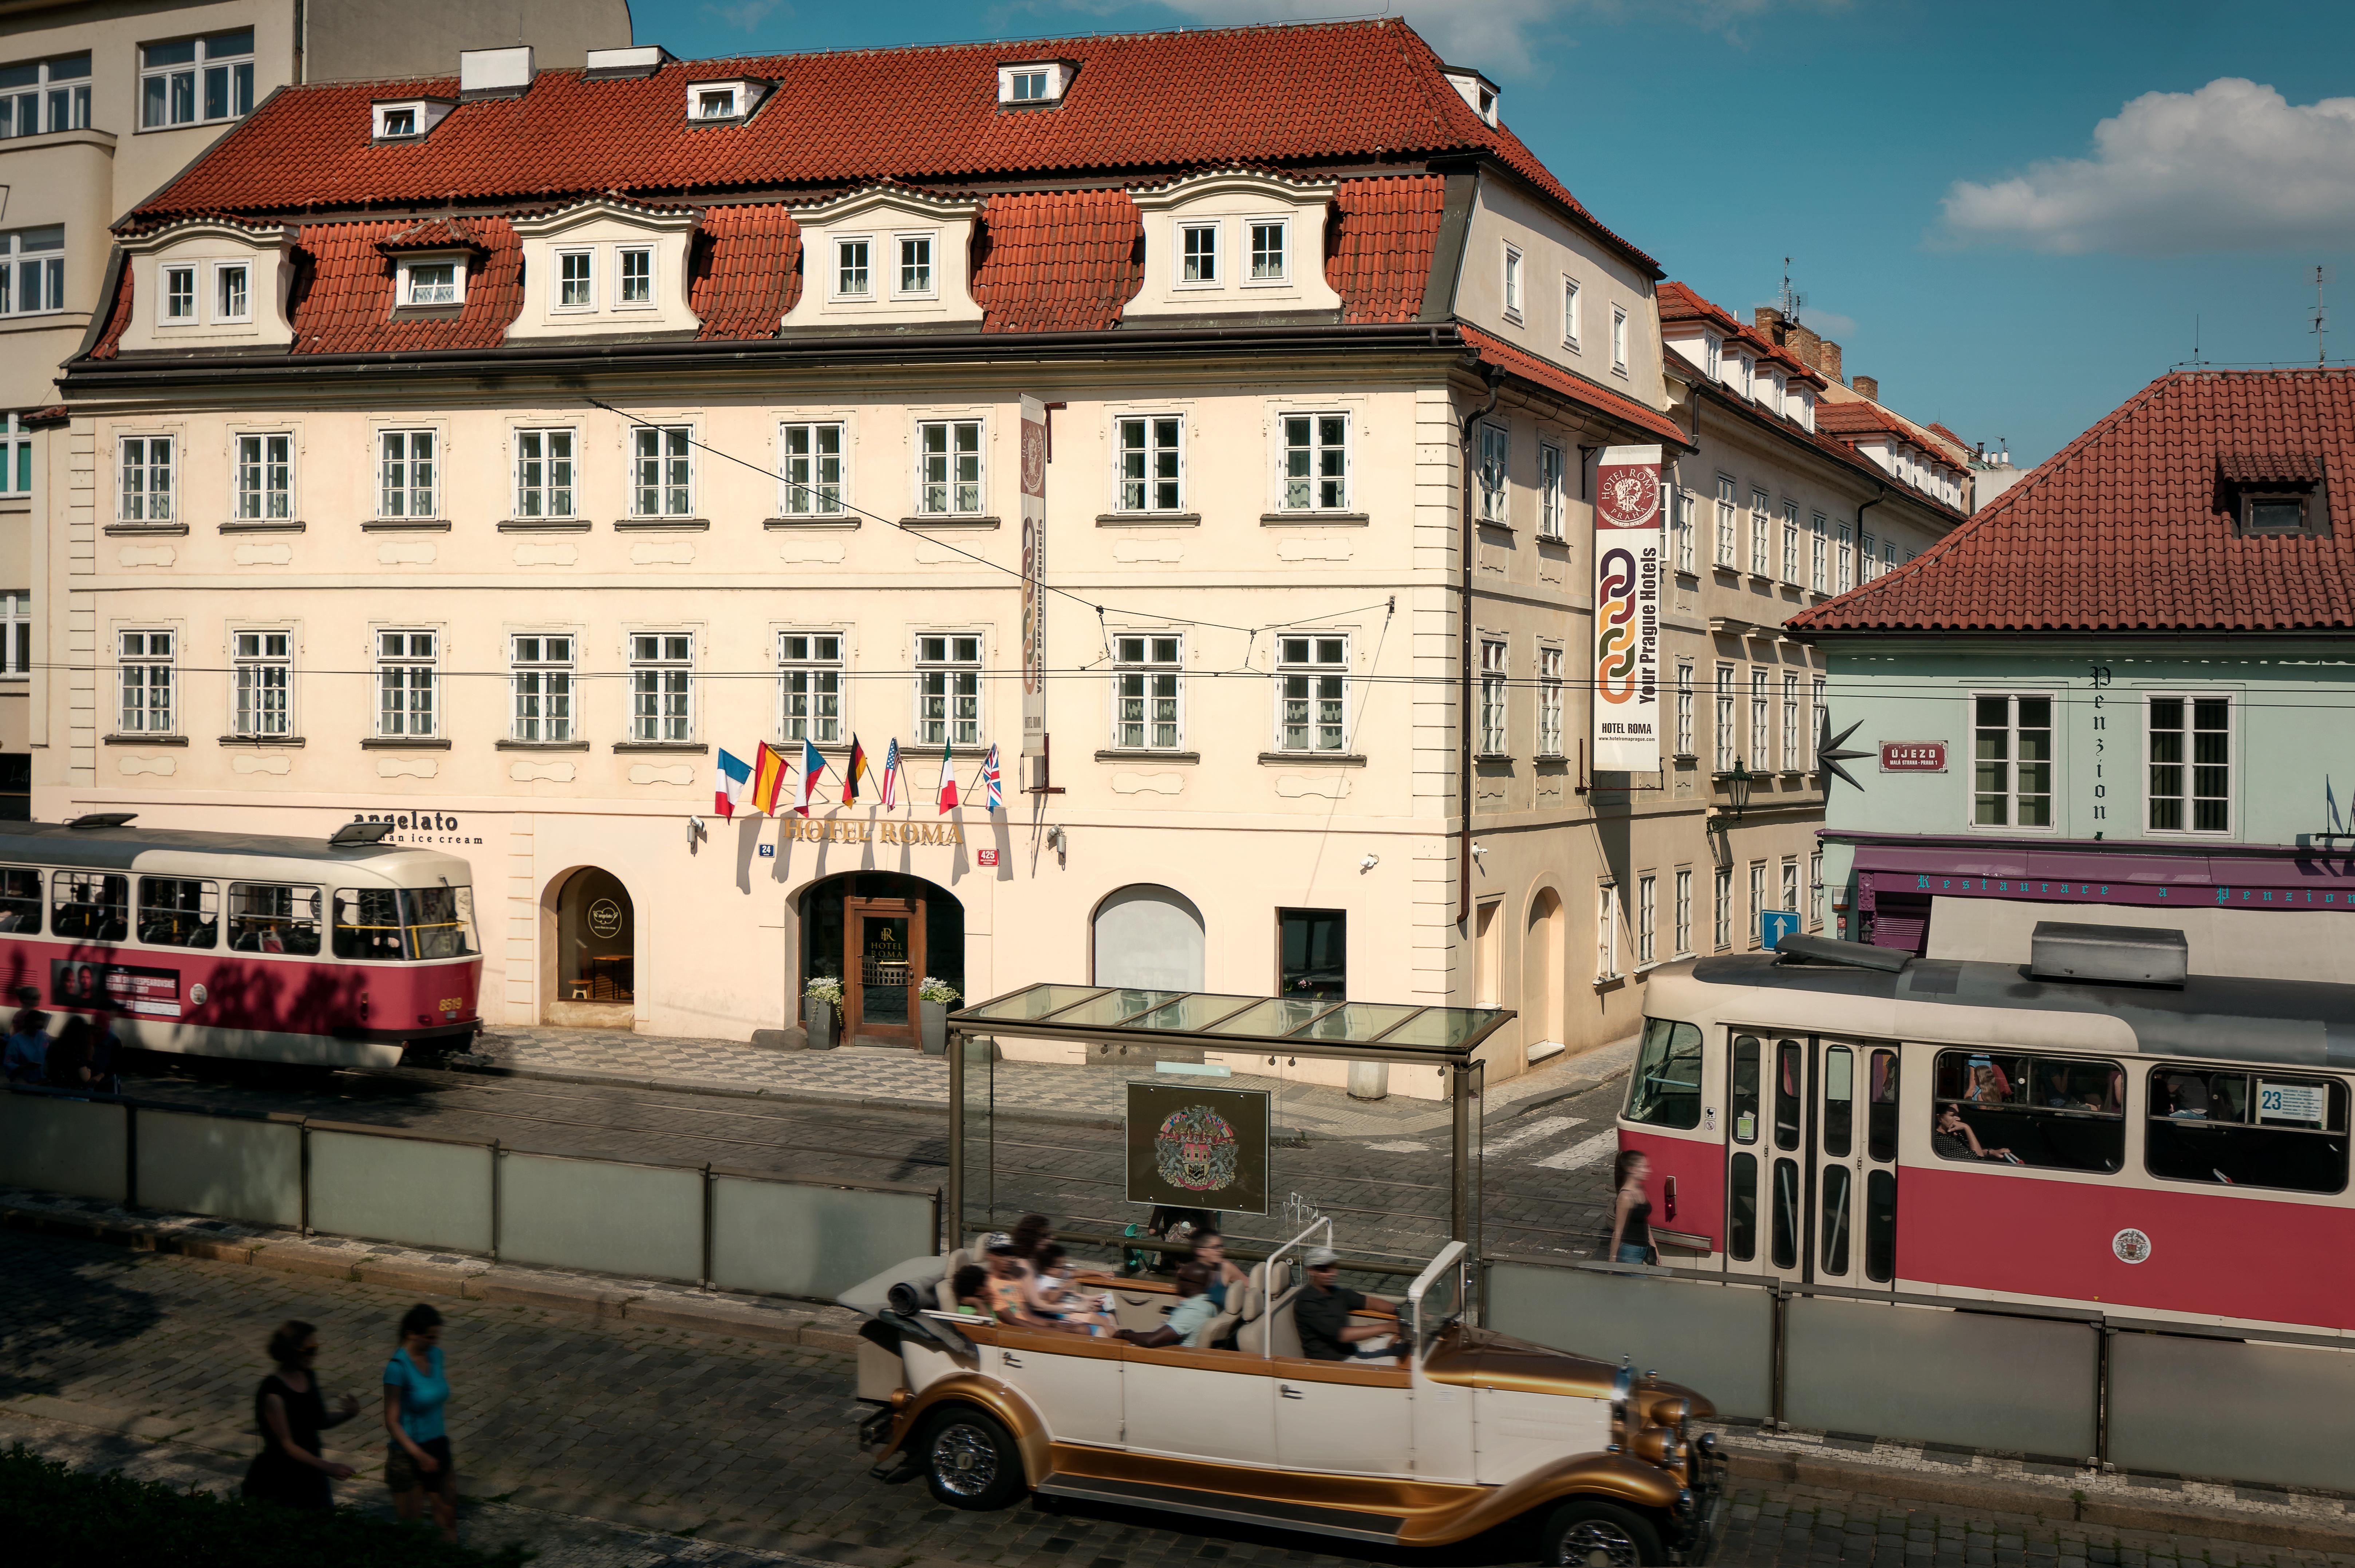 Velocità datazione Praha recensione